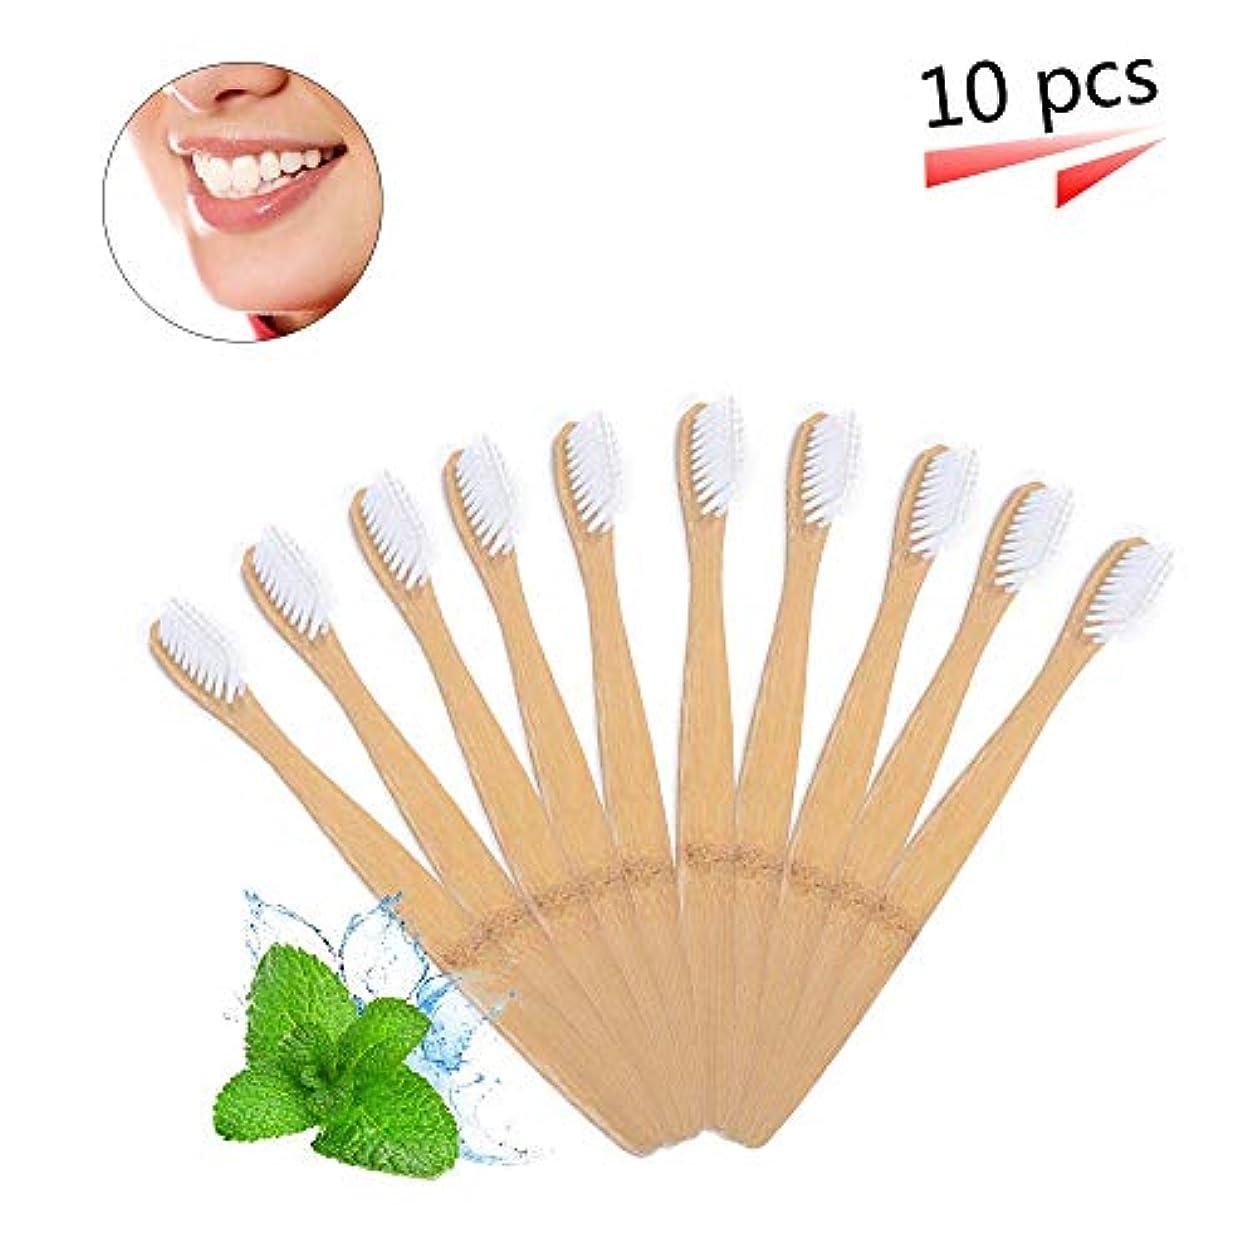 幸福発動機枠竹の歯ブラシ 分解性 環境保護の歯ブラシ 天然の柔らかいブラシ ホワイト 10本